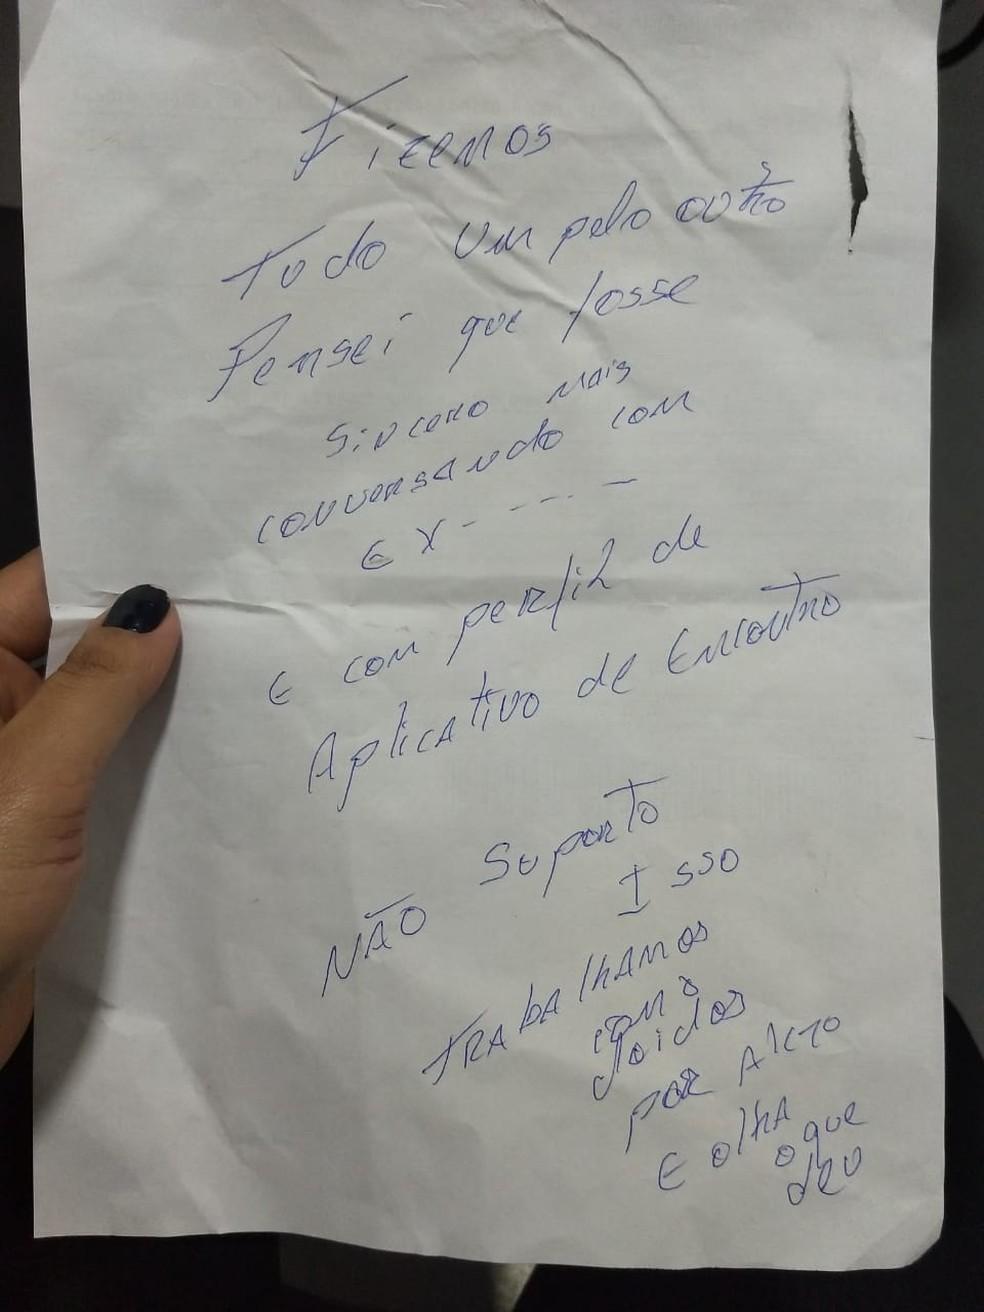 Carta foi recolhida pela Polícia Civil em Sorocaba — Foto: Arquivo